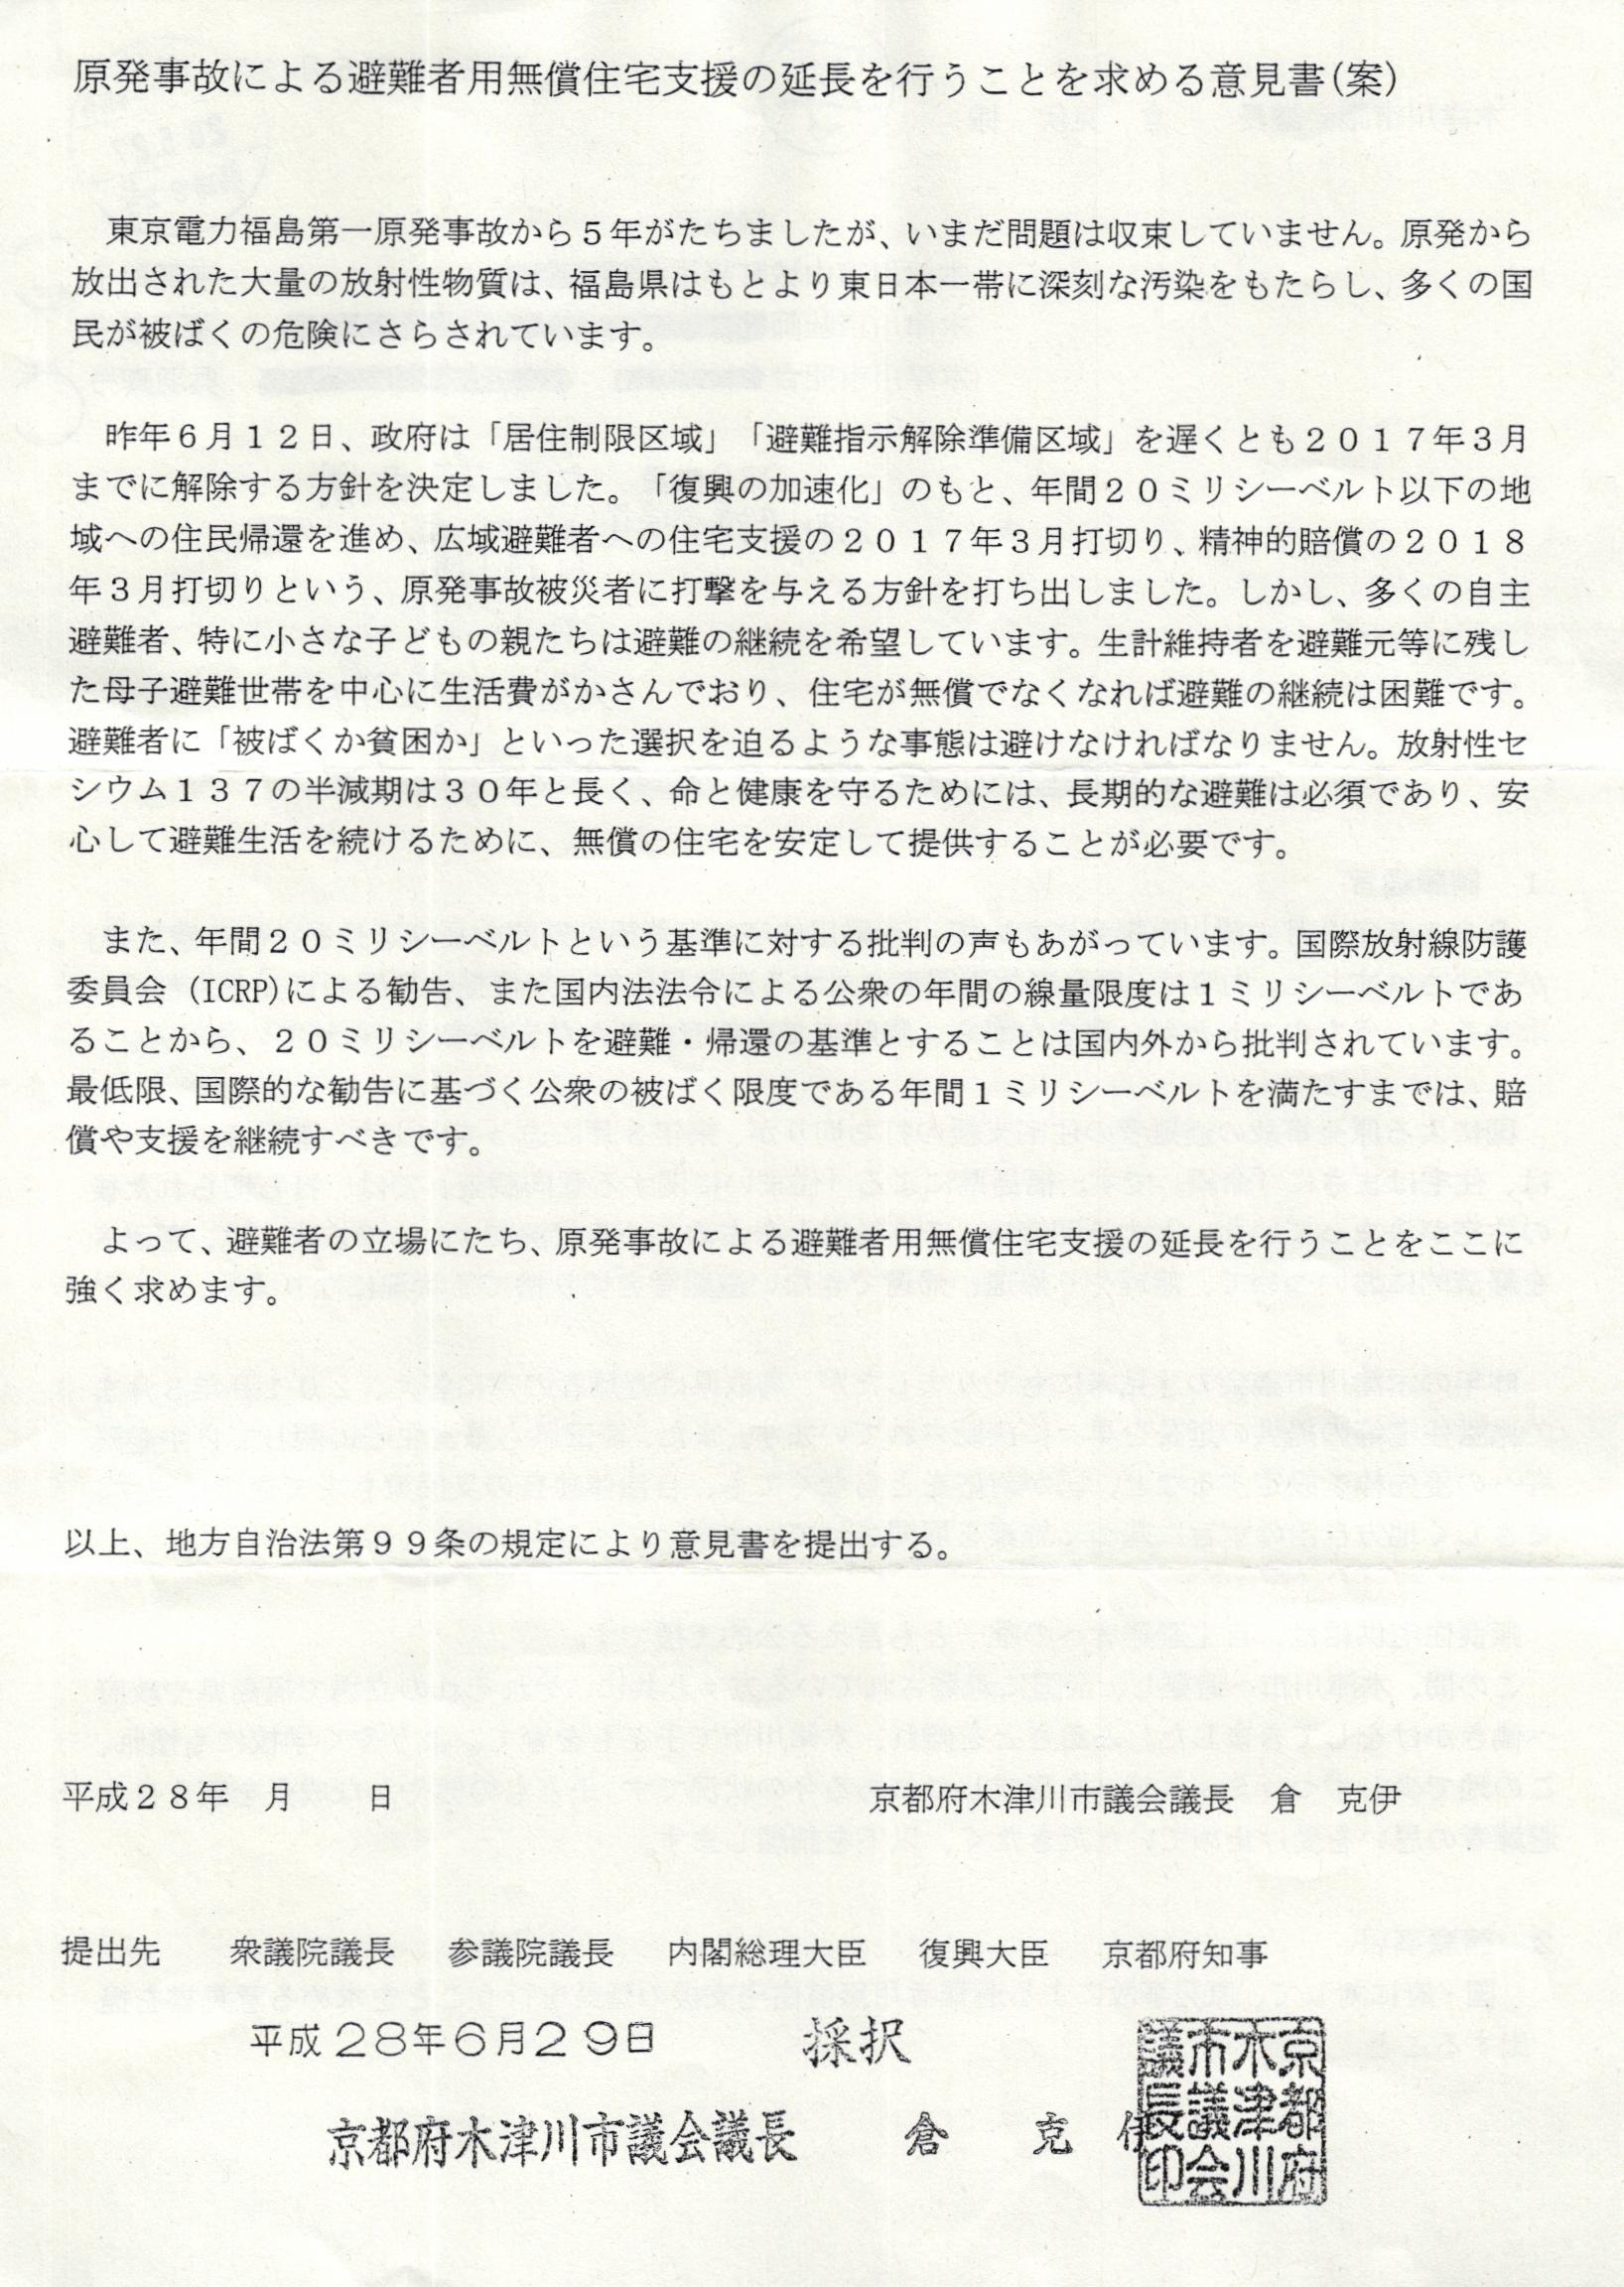 木津川市議会で採択された意見書_a0224877_00440662.jpg